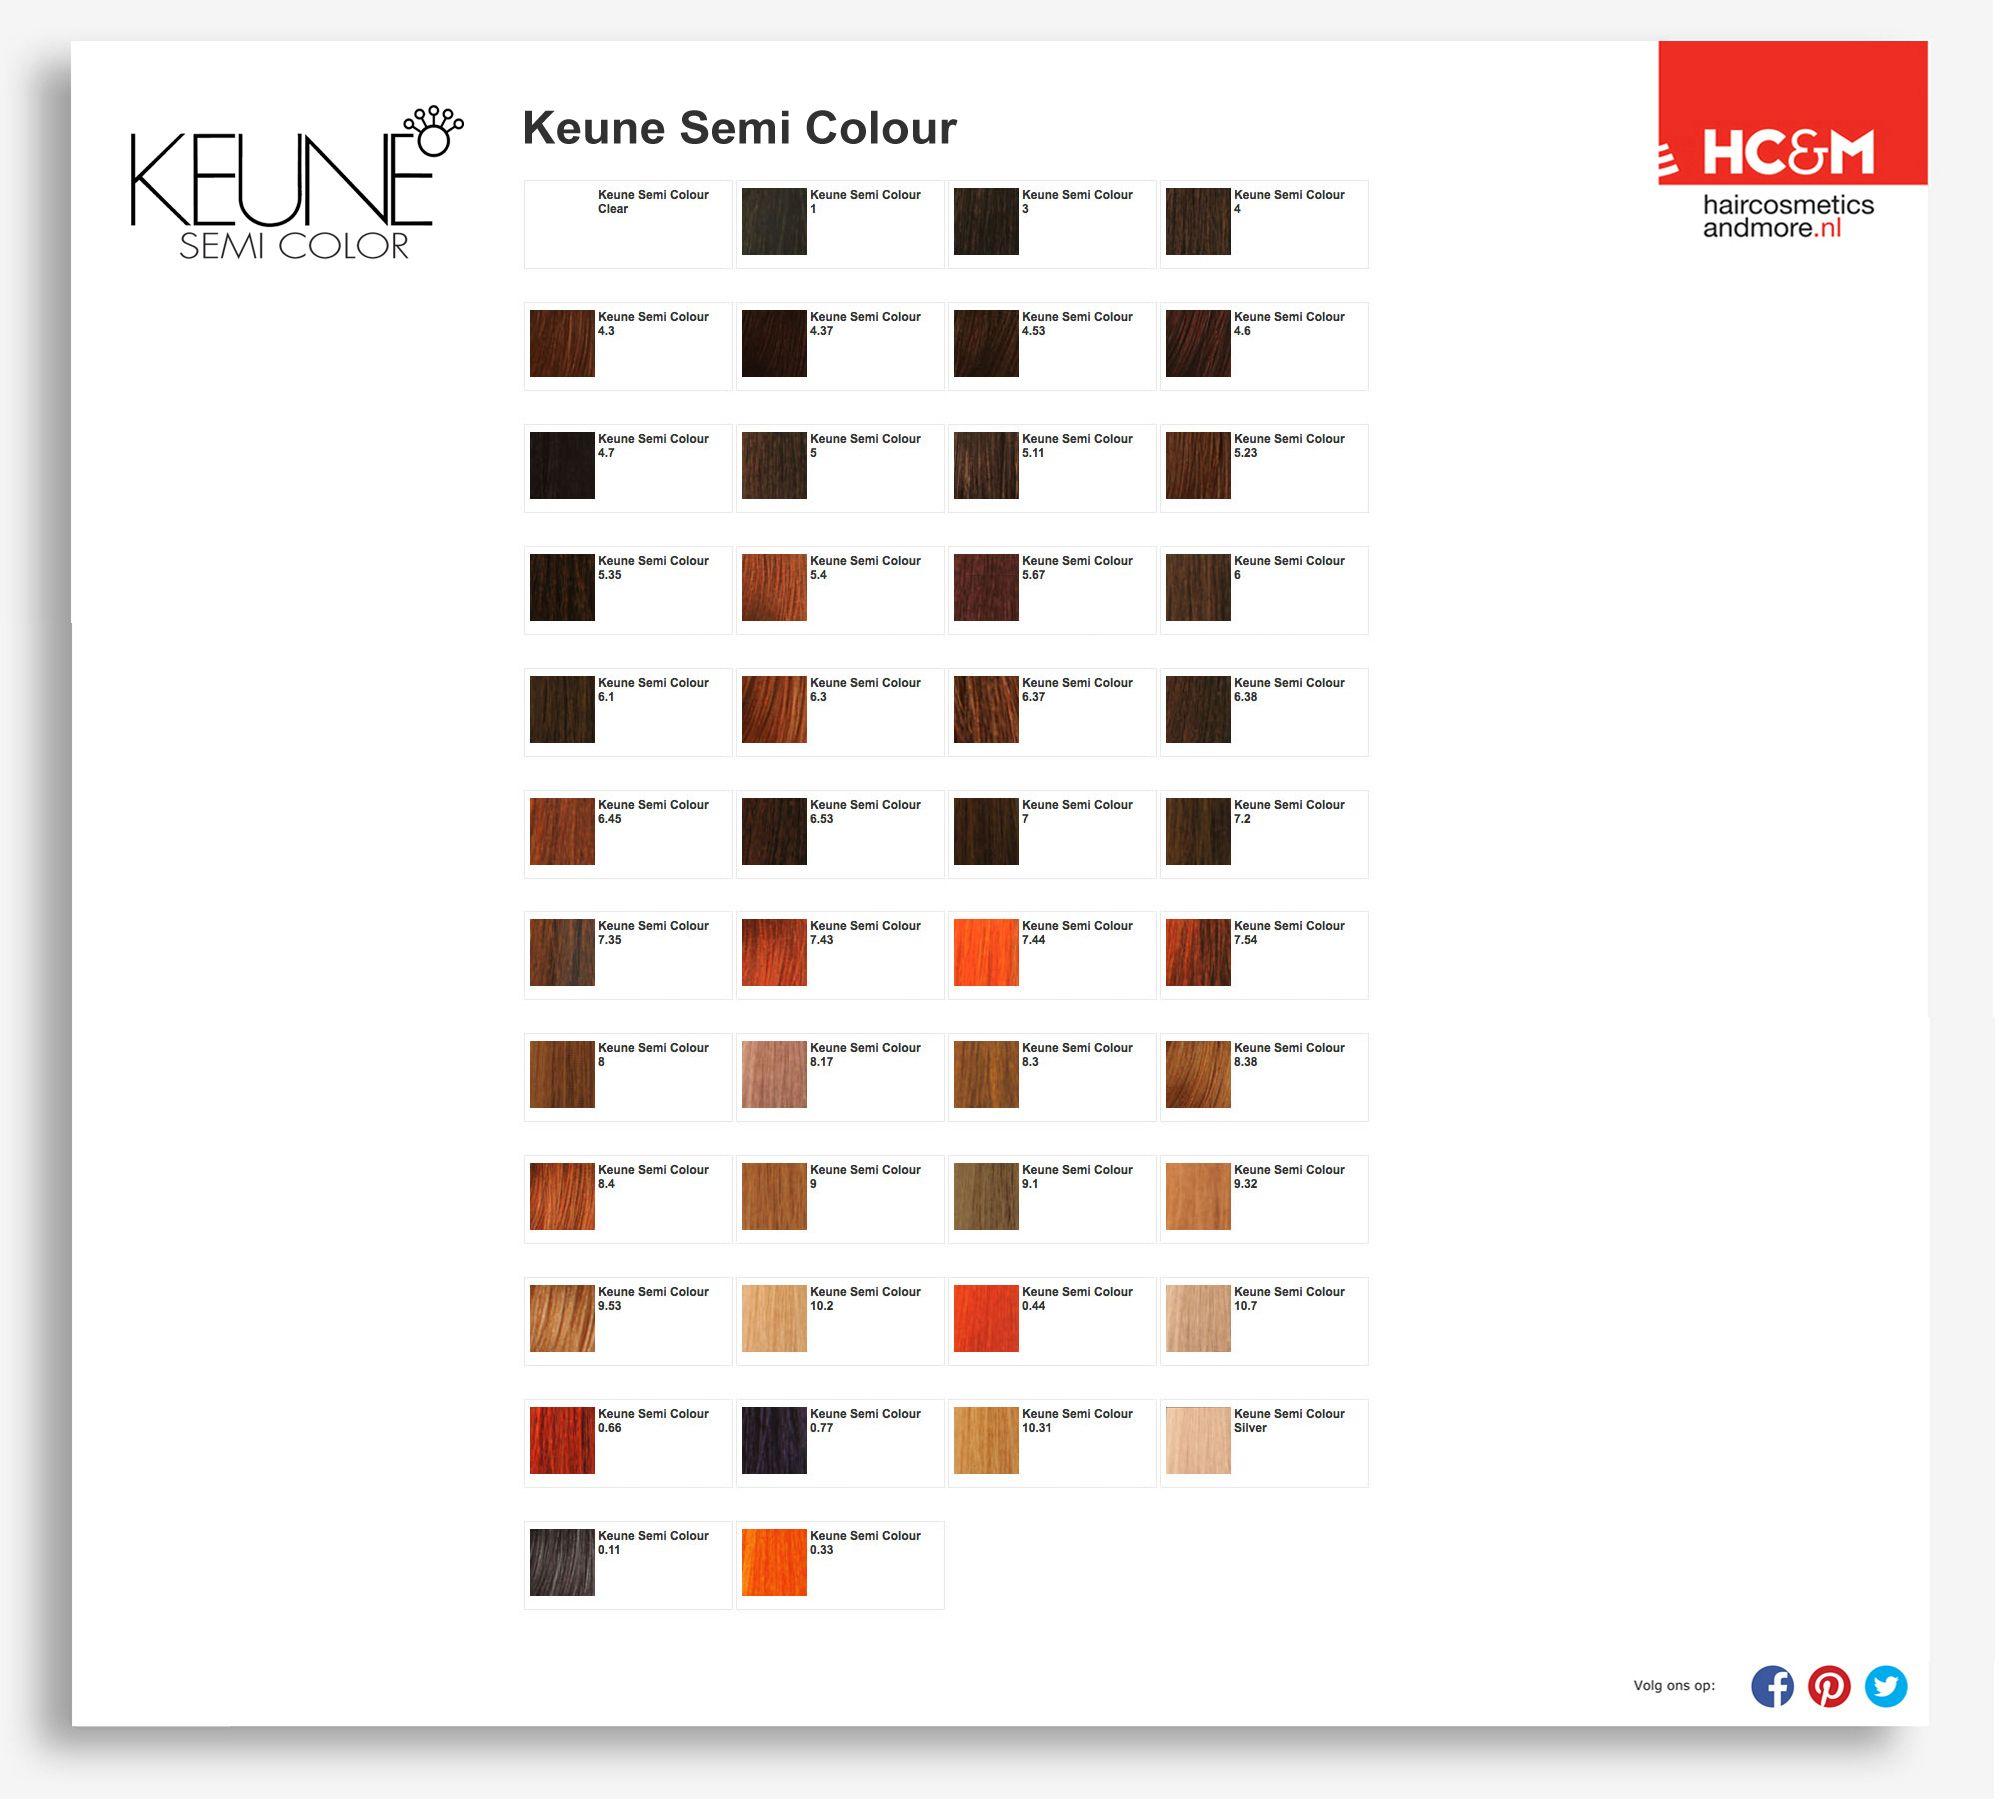 Keune Semi Color Shades Cellophane Hair Color Color Chart Hair Color Chart